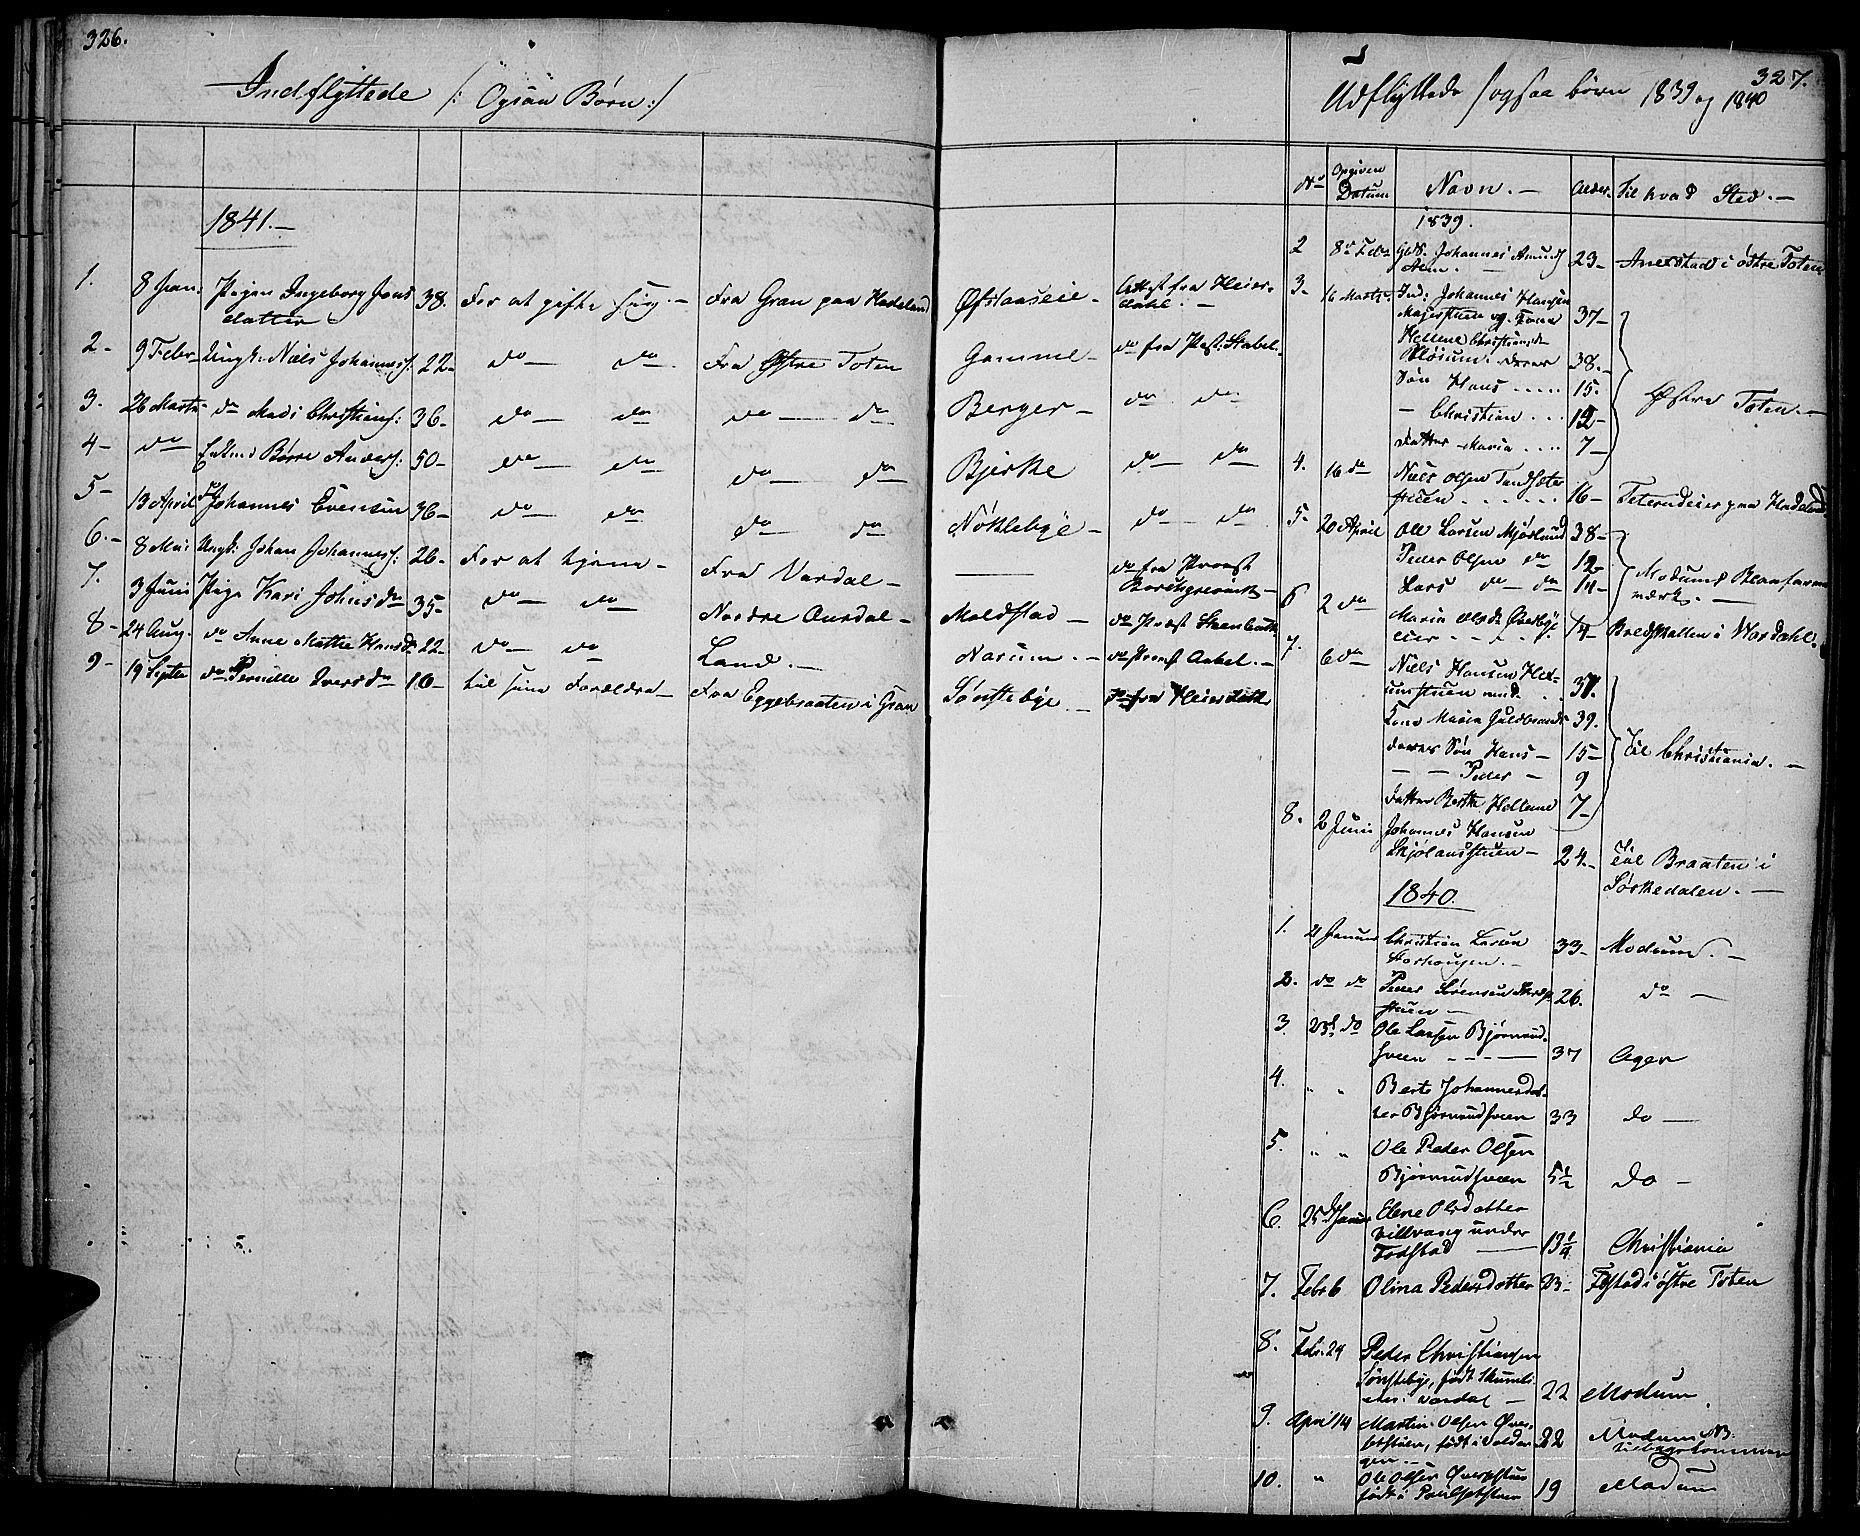 SAH, Vestre Toten prestekontor, Ministerialbok nr. 3, 1836-1843, s. 326-327